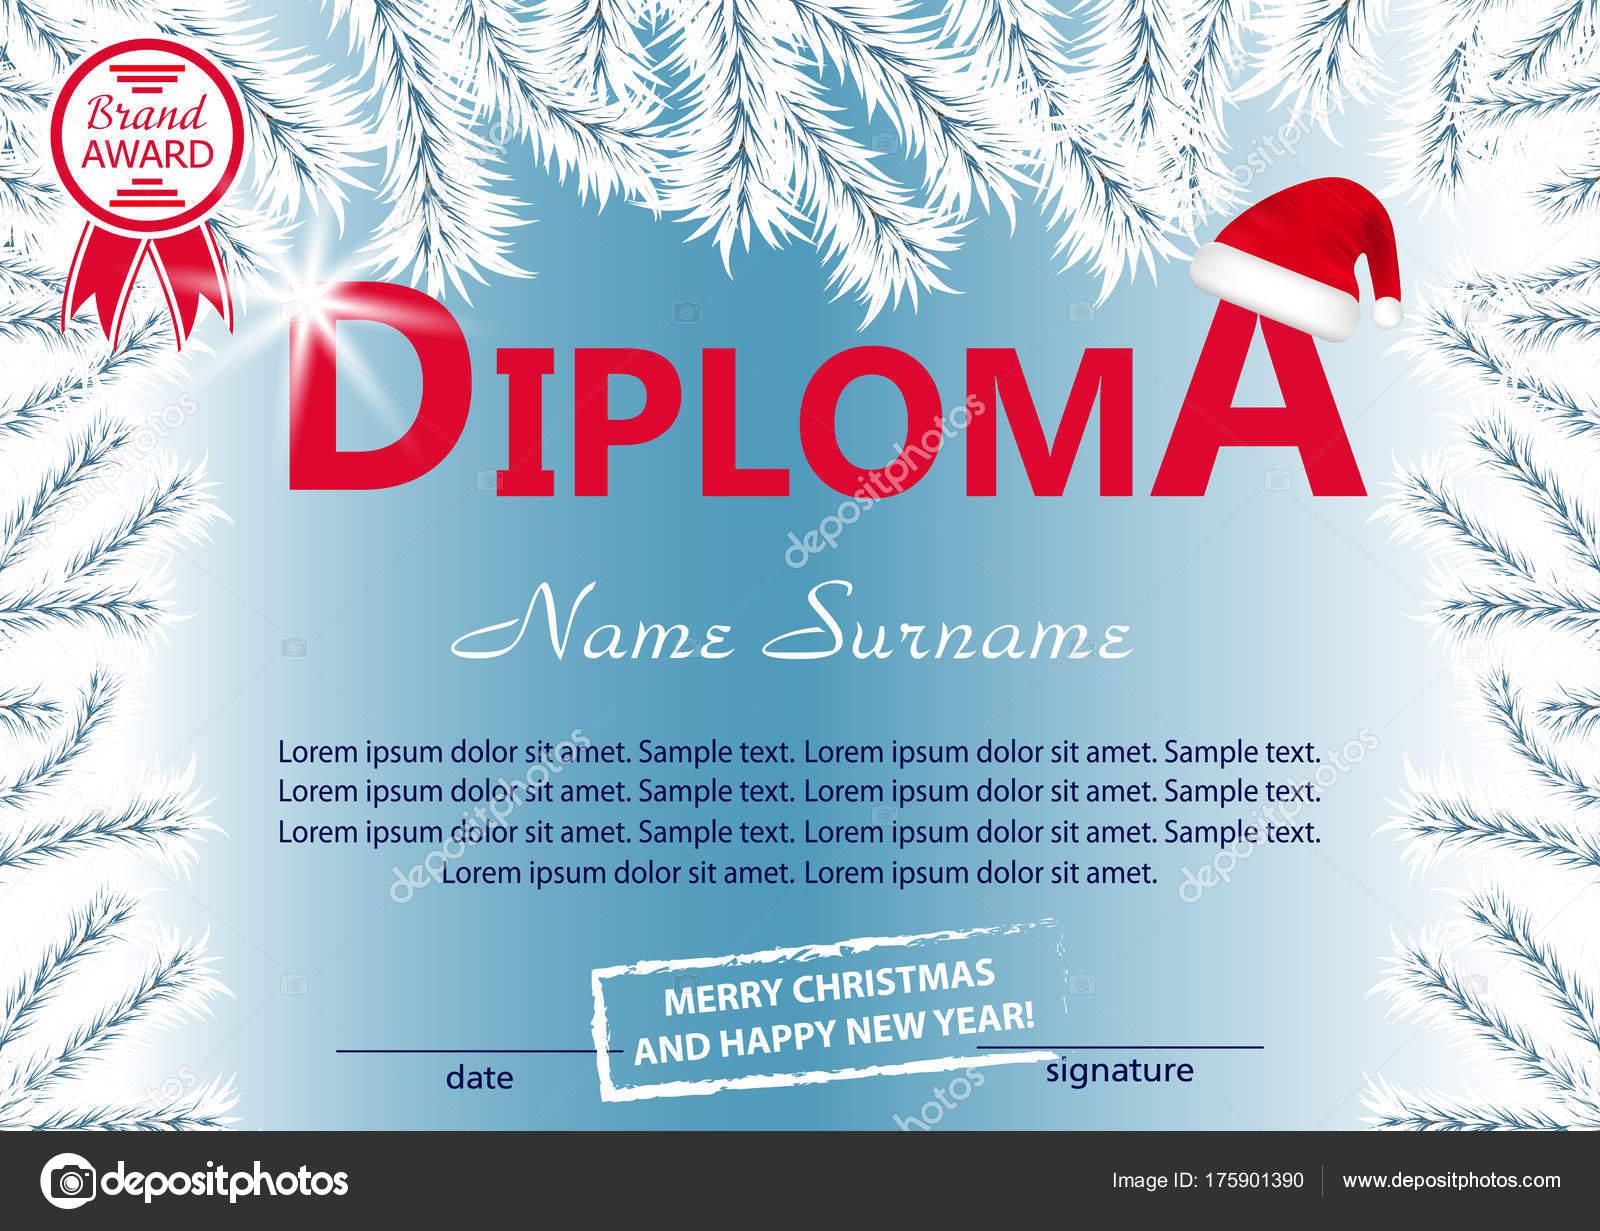 Weihnachts-Vorlage-Diplom oder Zertifikat. Neue Jahr Belohnung mit ...